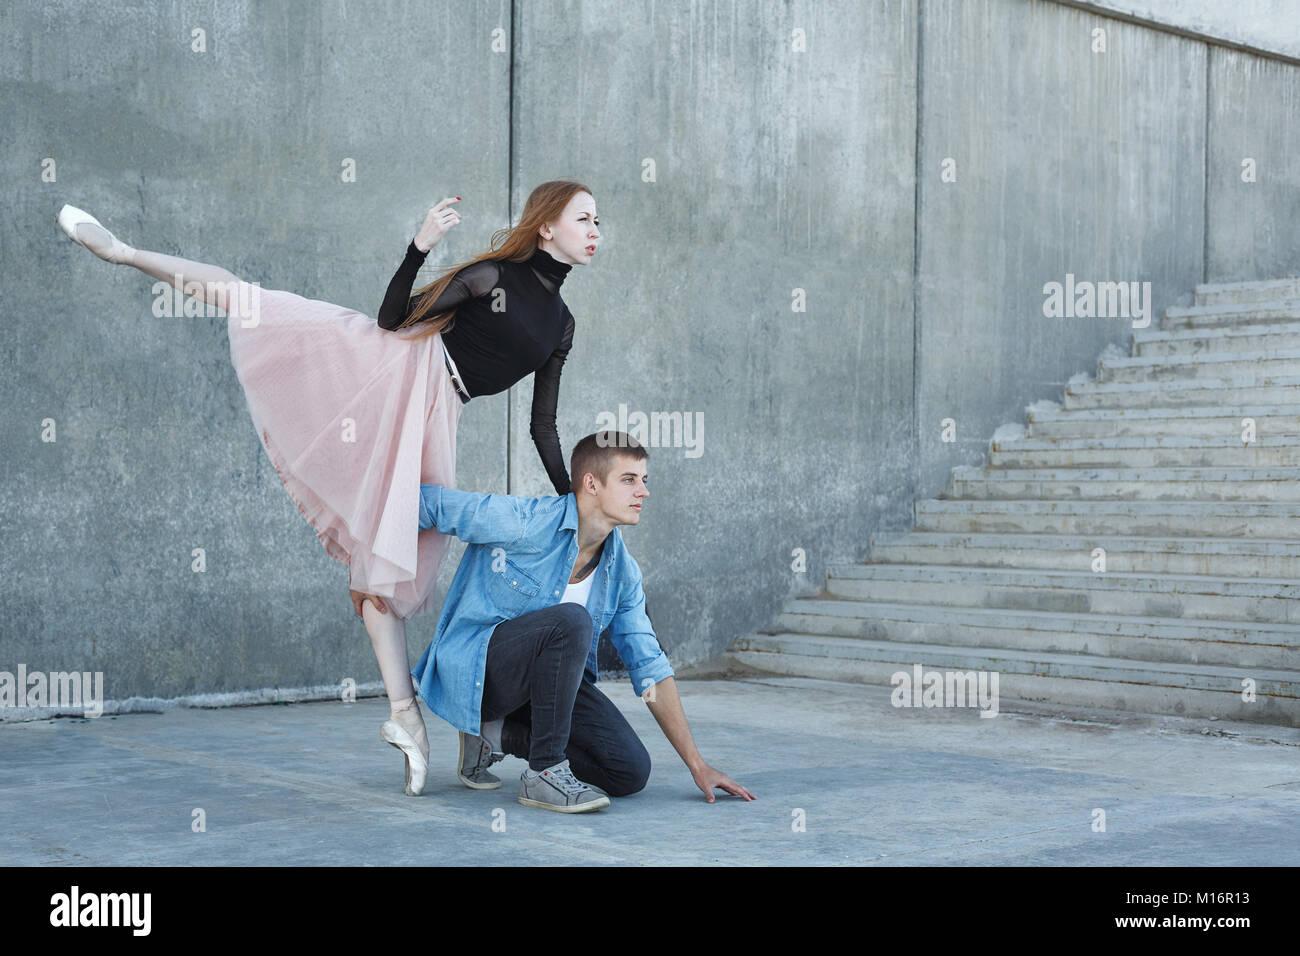 Esbelta bailarina baila con una bailarina moderna. Dating amantes. Desempeño en las calles de la ciudad. Imagen De Stock